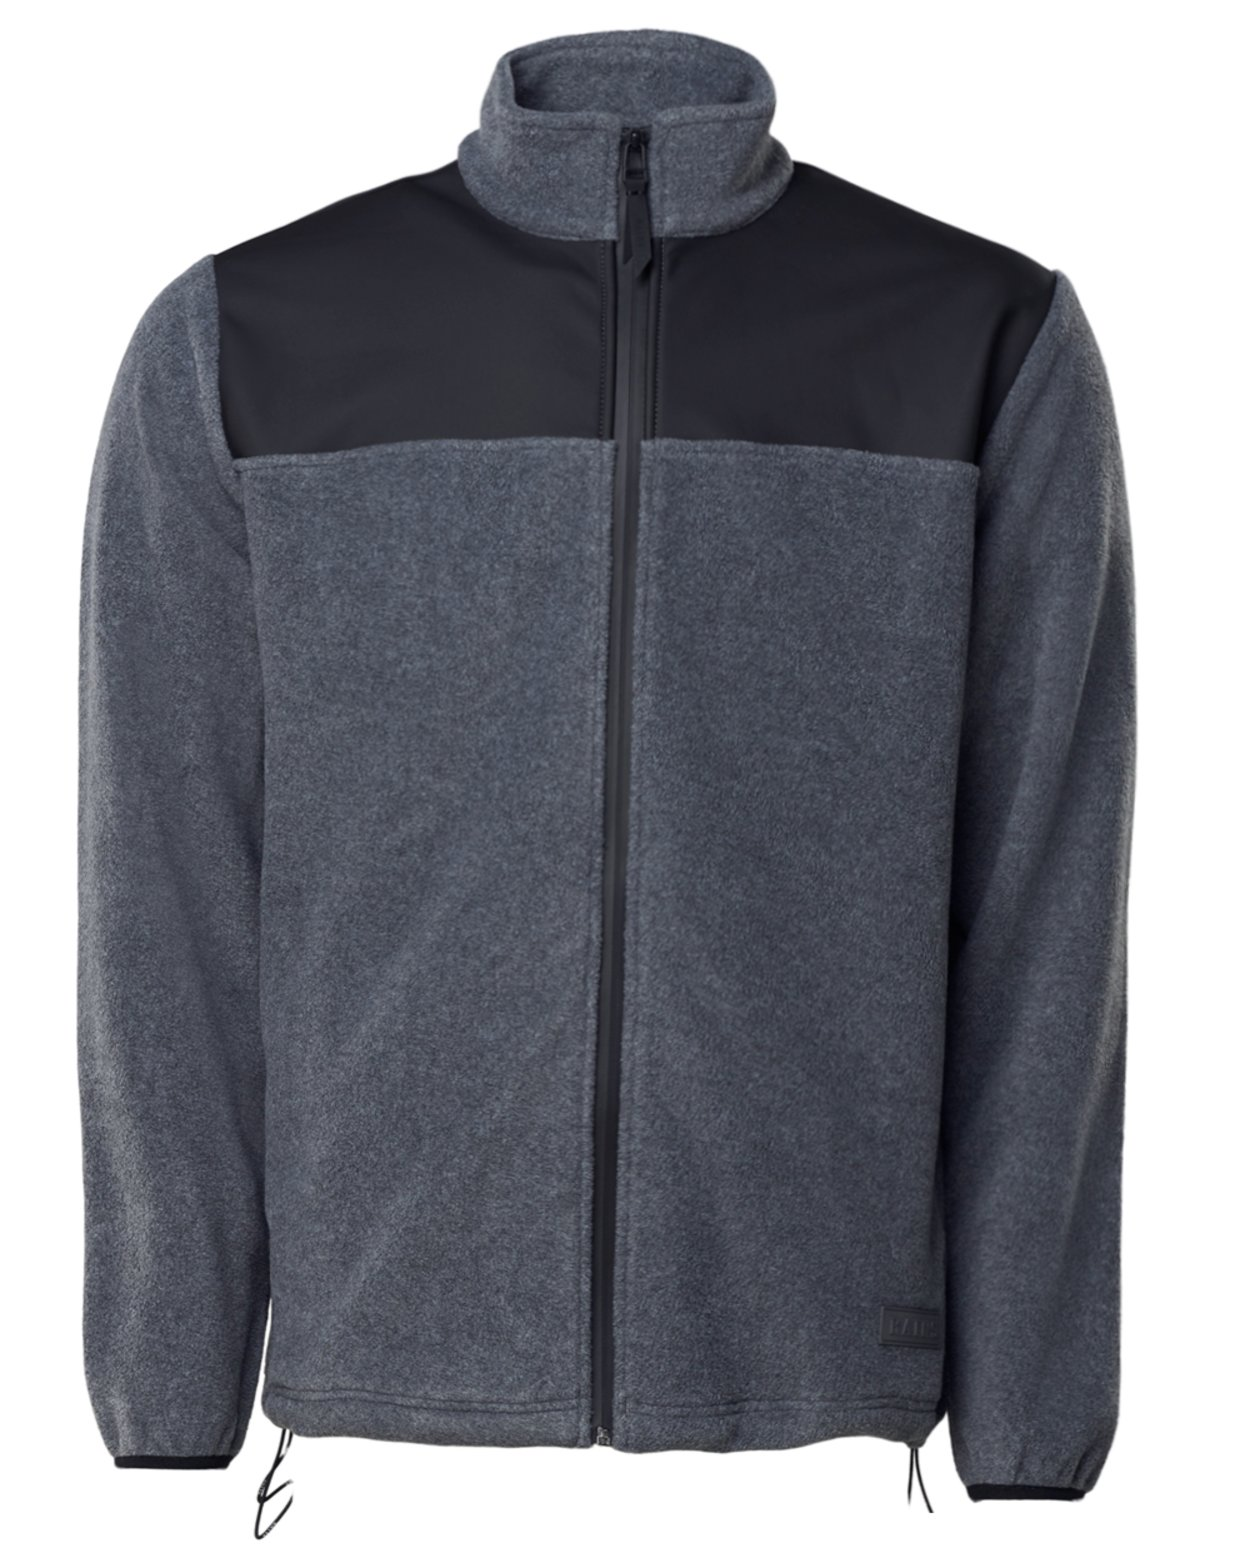 Unisex Fleece Zip Puller